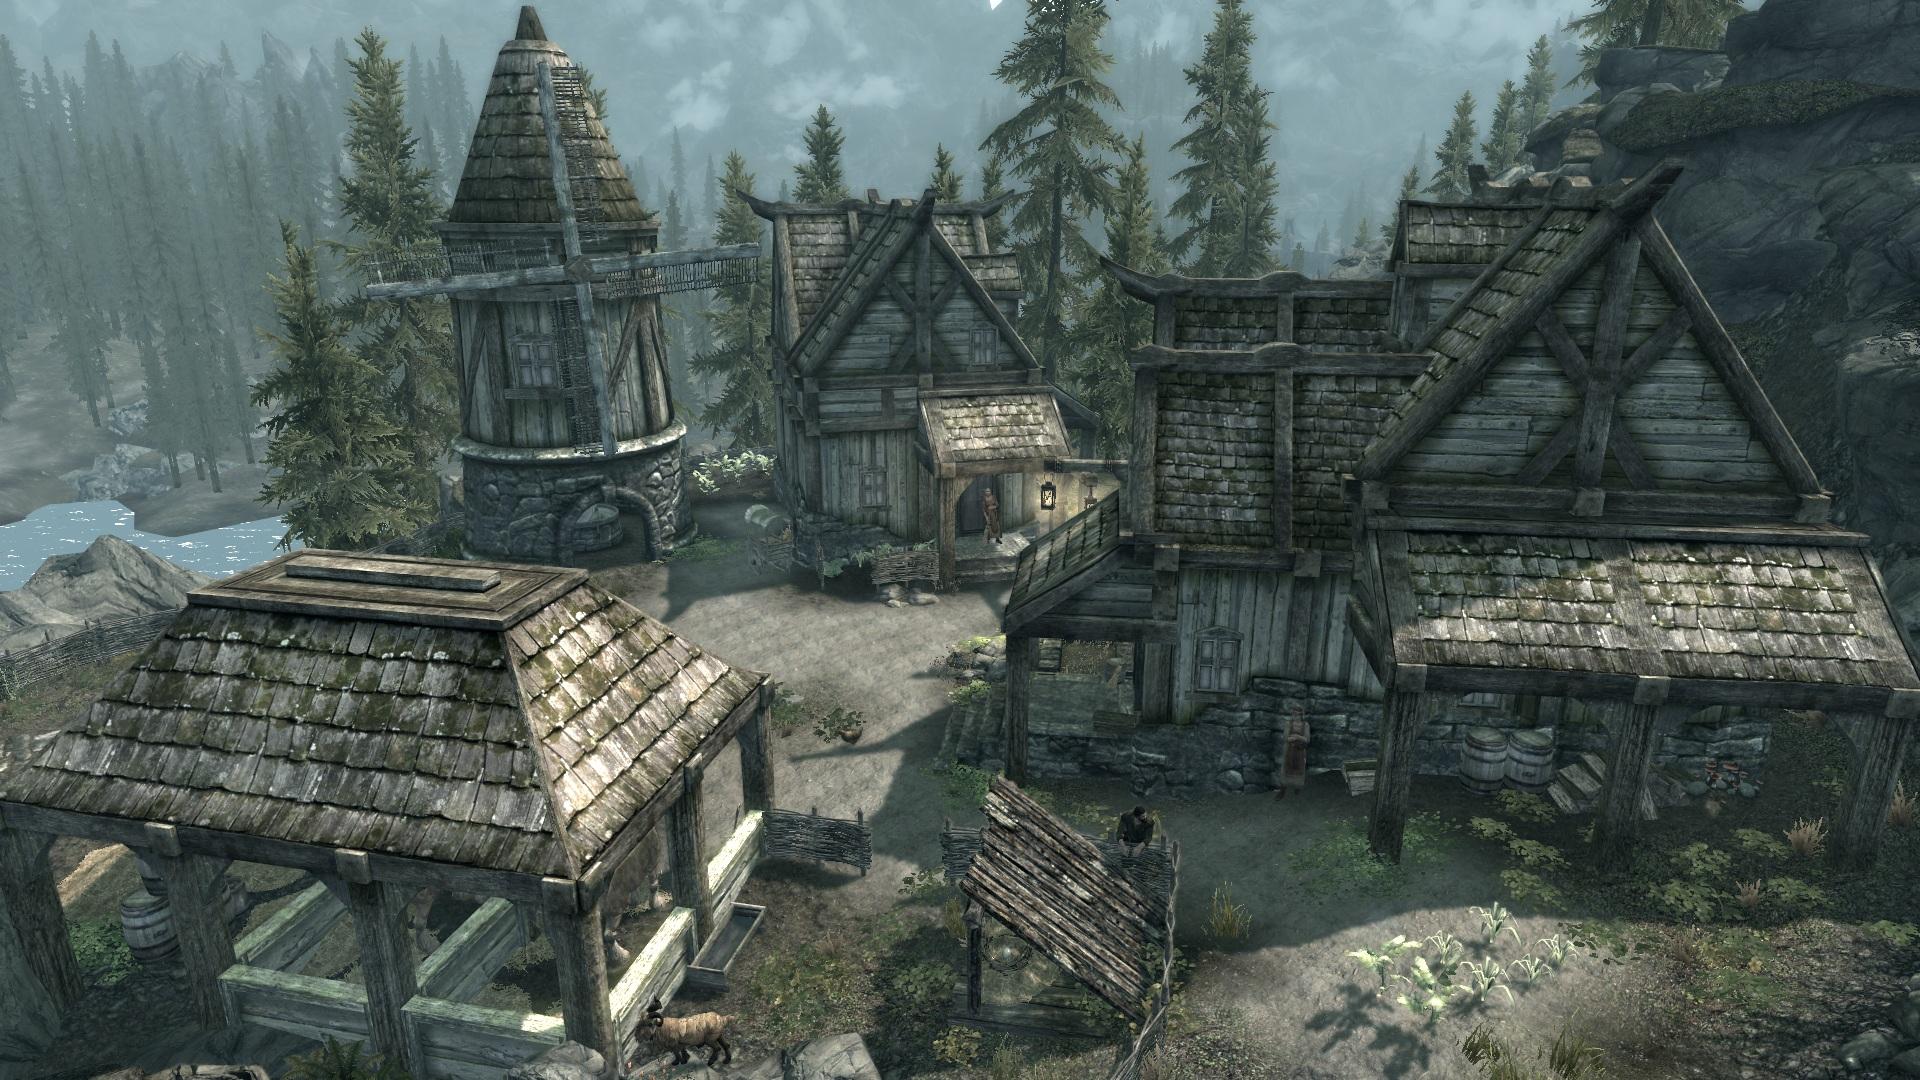 Category:Skyrim: Farms | Elder Scrolls | FANDOM powered by